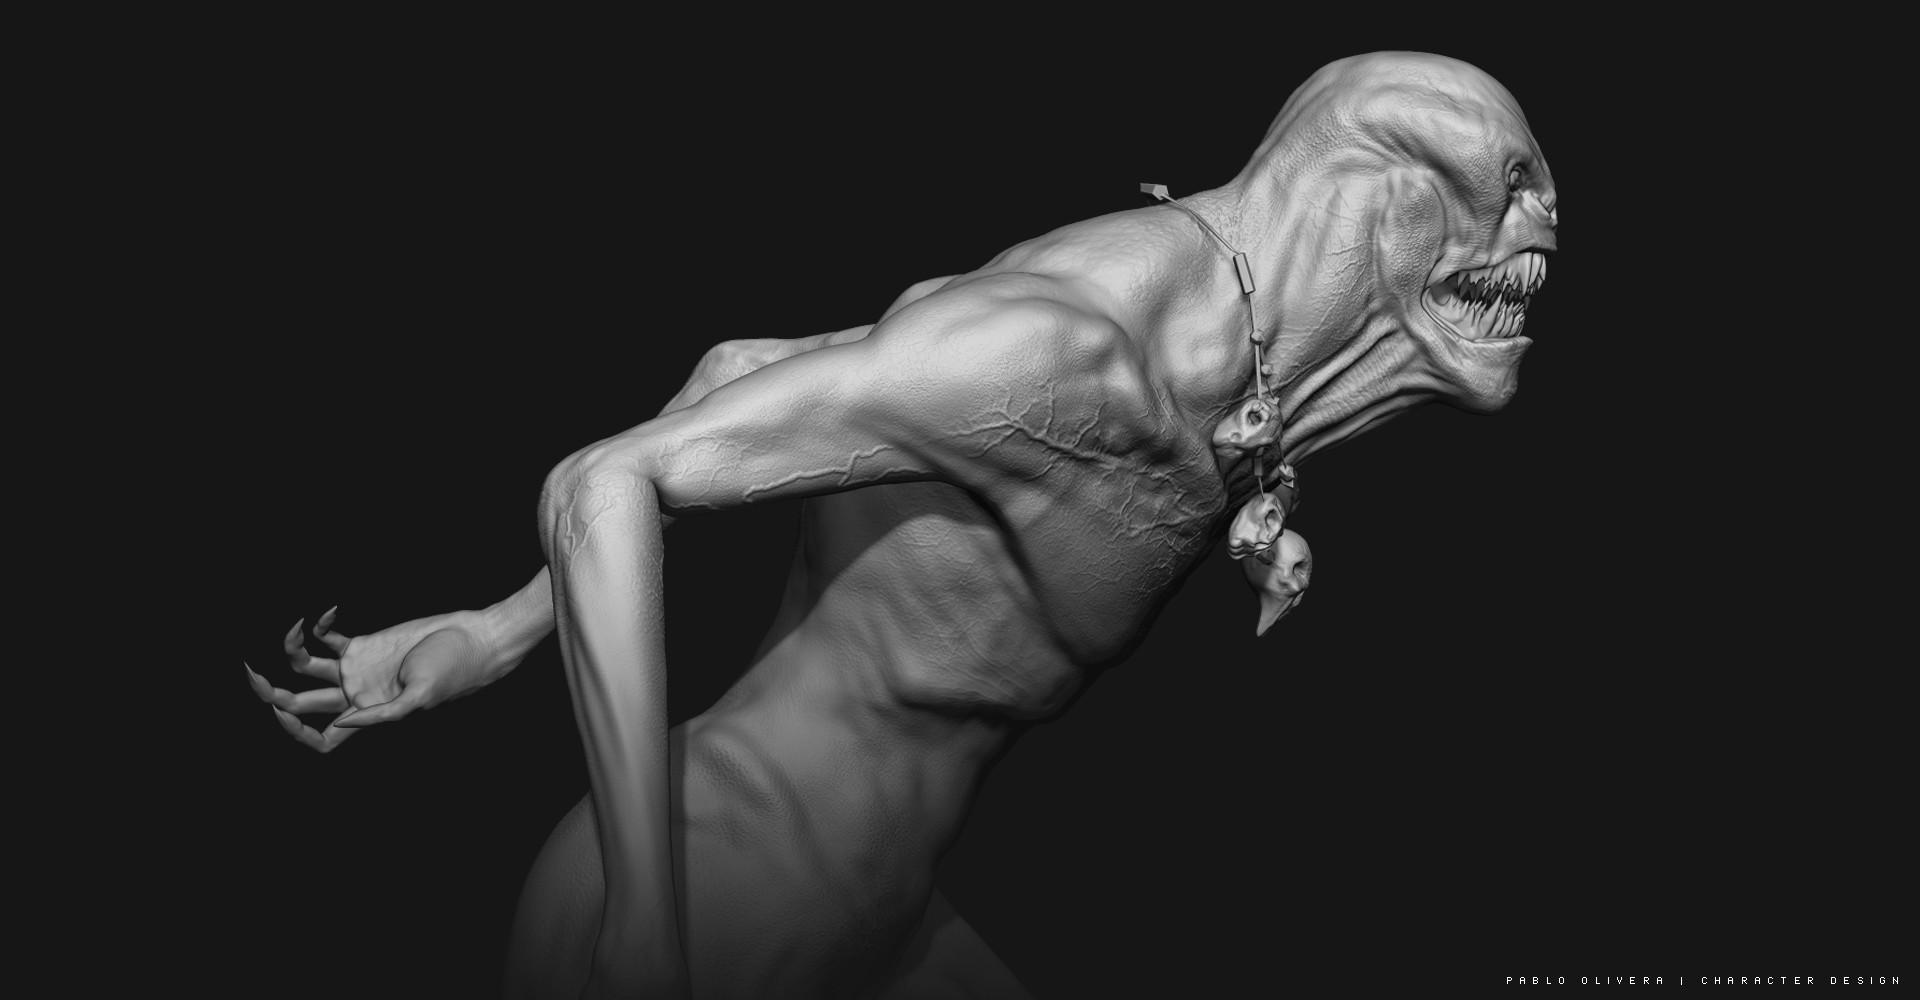 Pablo olivera alien wip 05